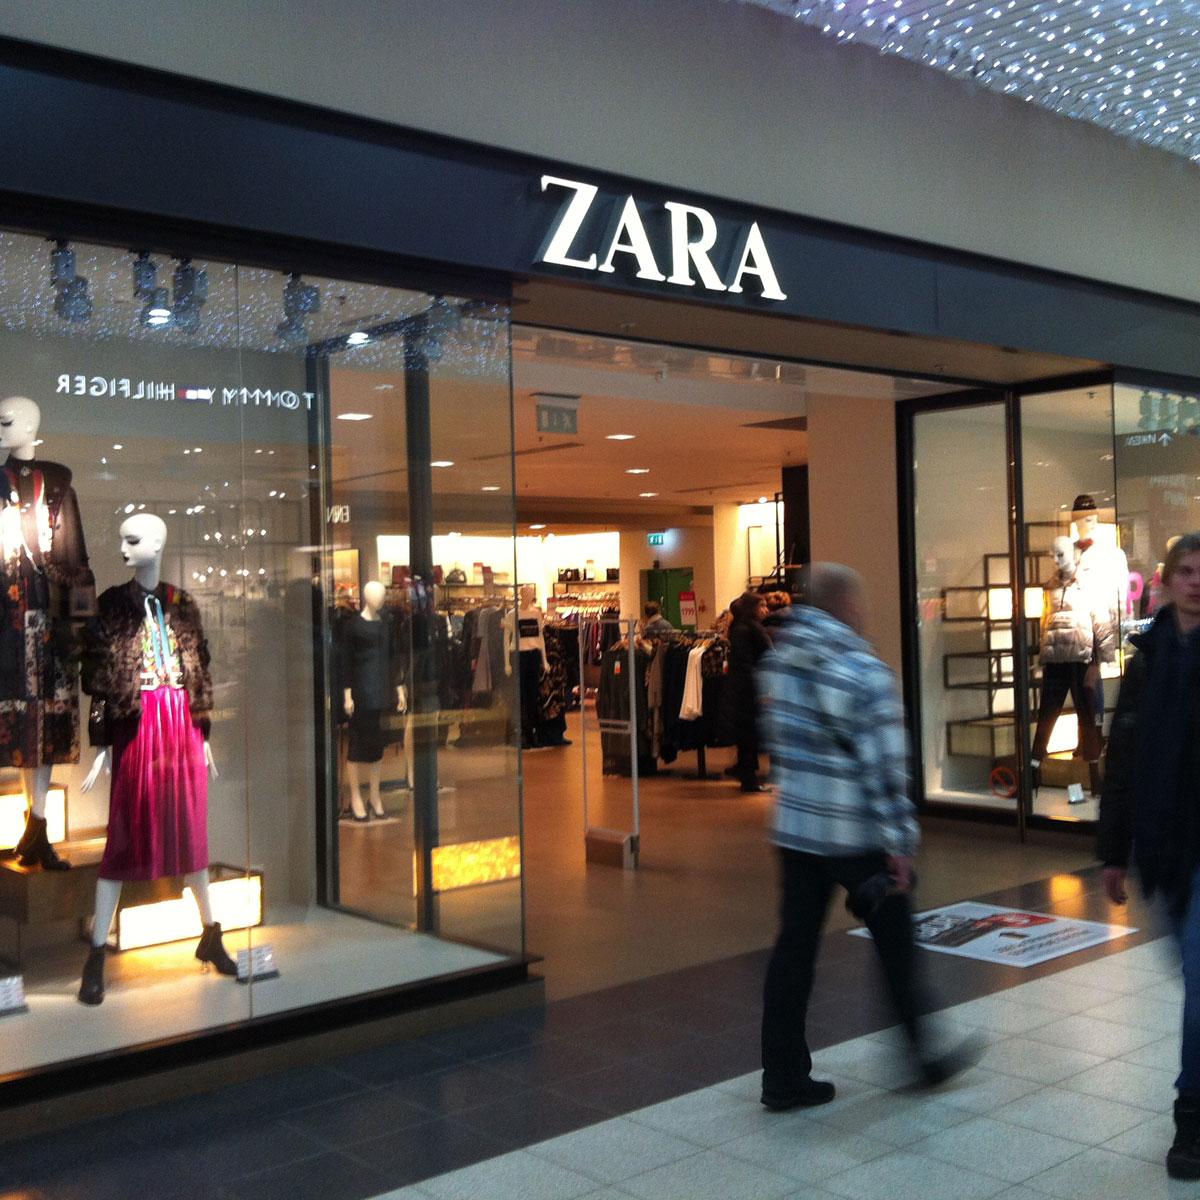 ZARA. Пожалуй, единственный хороший бутик для мужчин в МЕГЕ